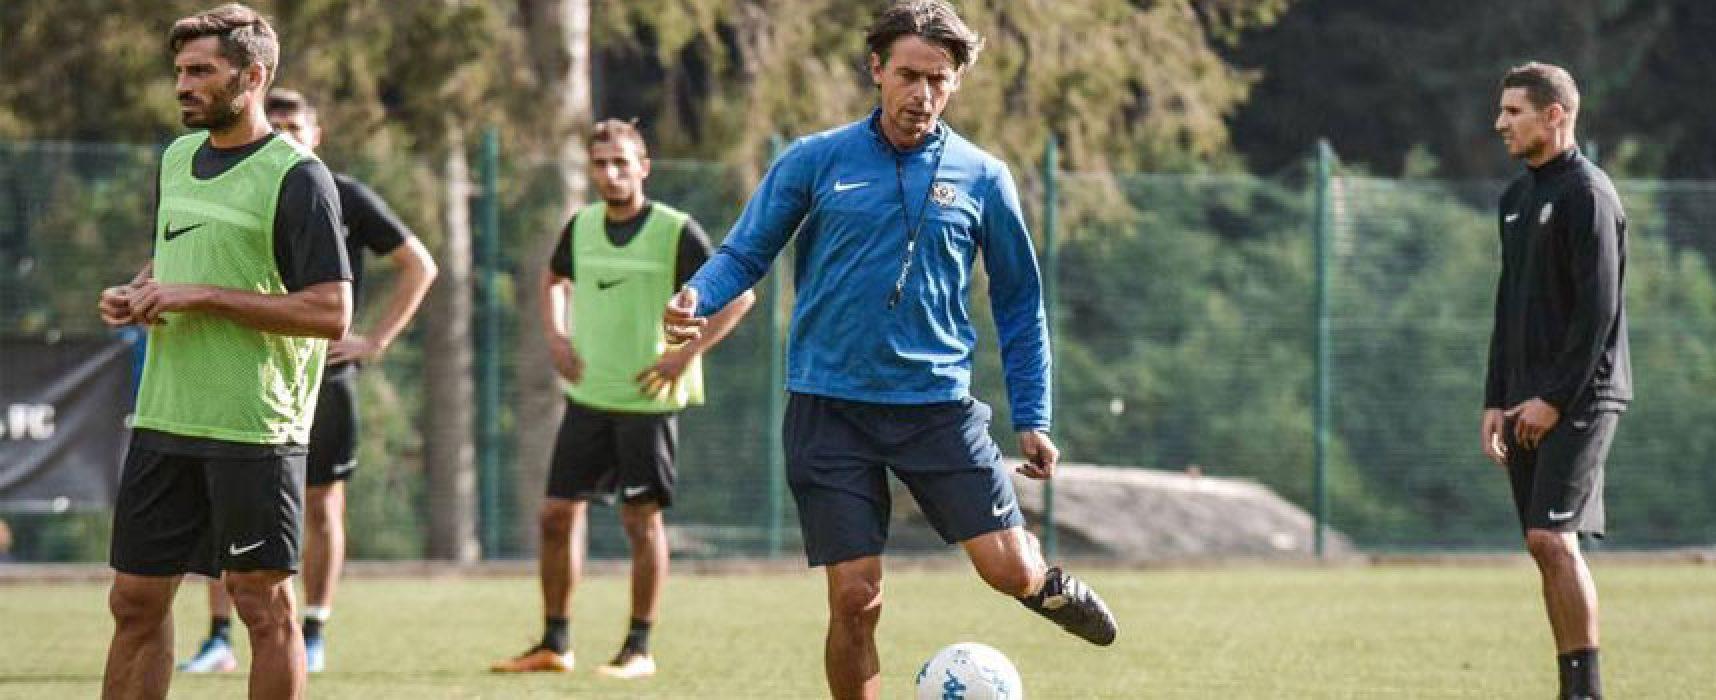 Amichevoli: Bisceglie Calcio oggi in campo contro il Venezia di Pippo Inzaghi